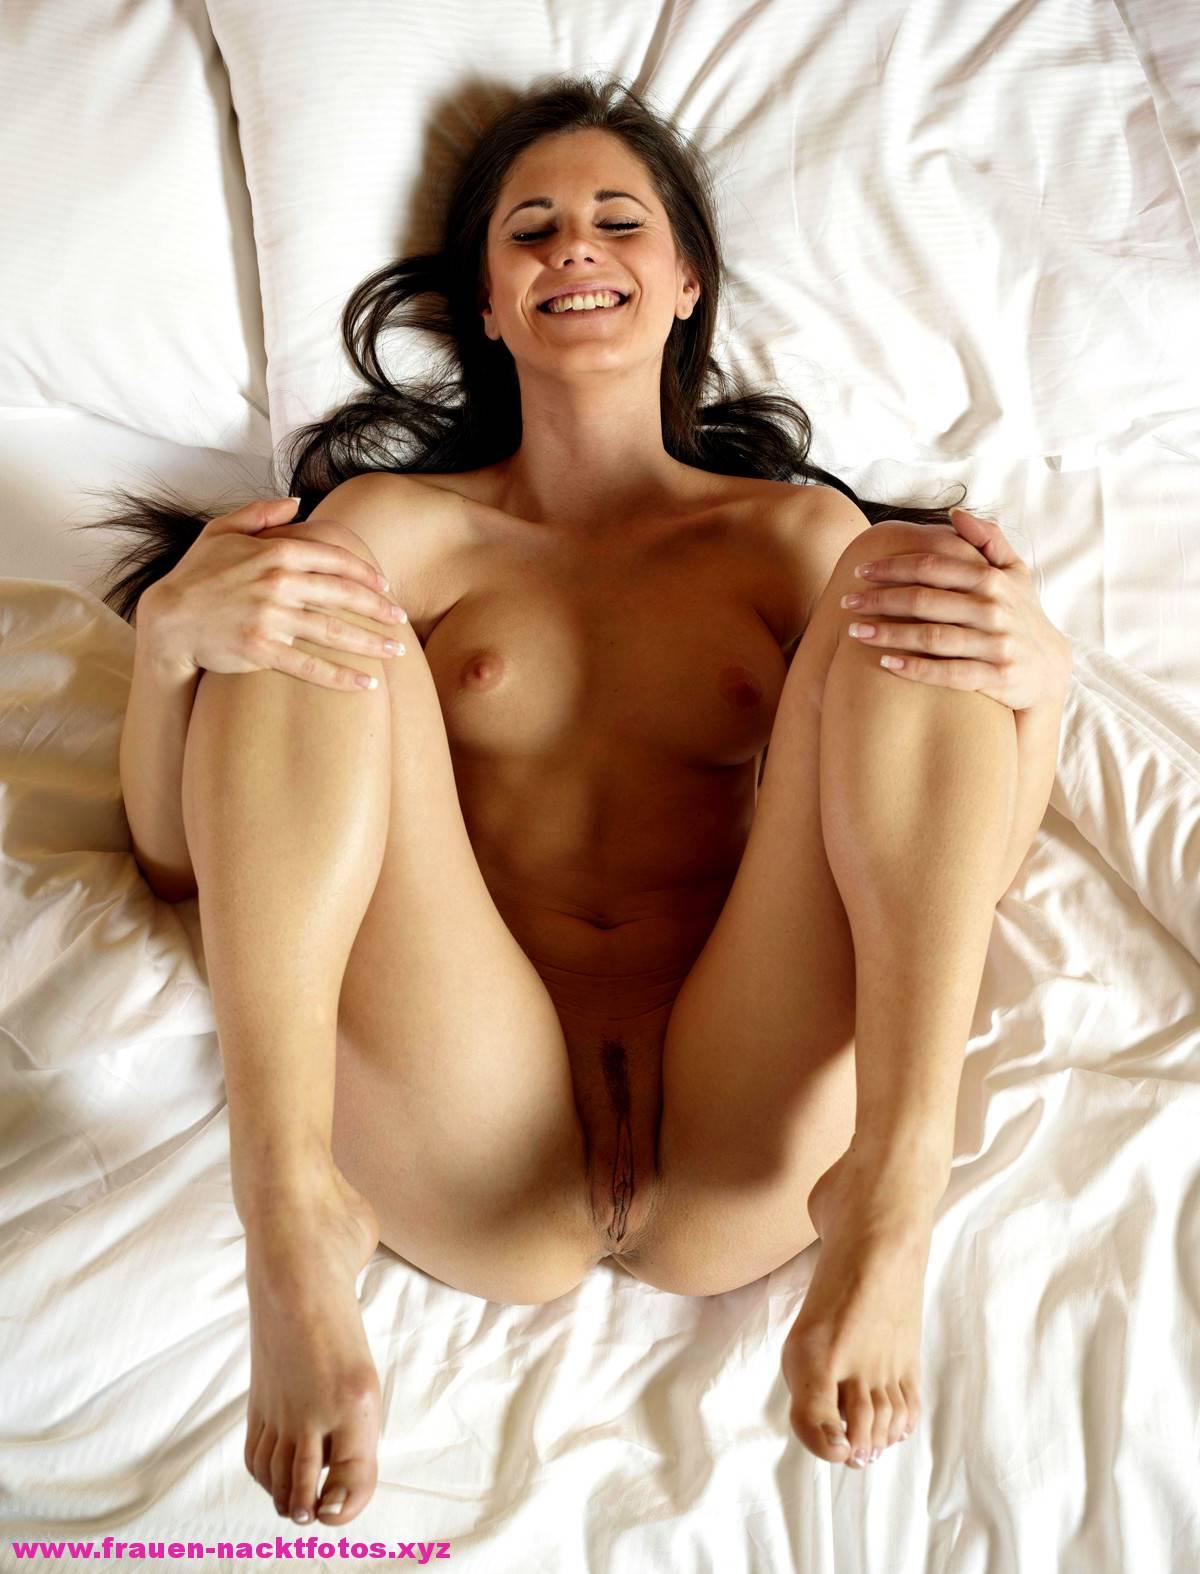 Geile Nacktfotos